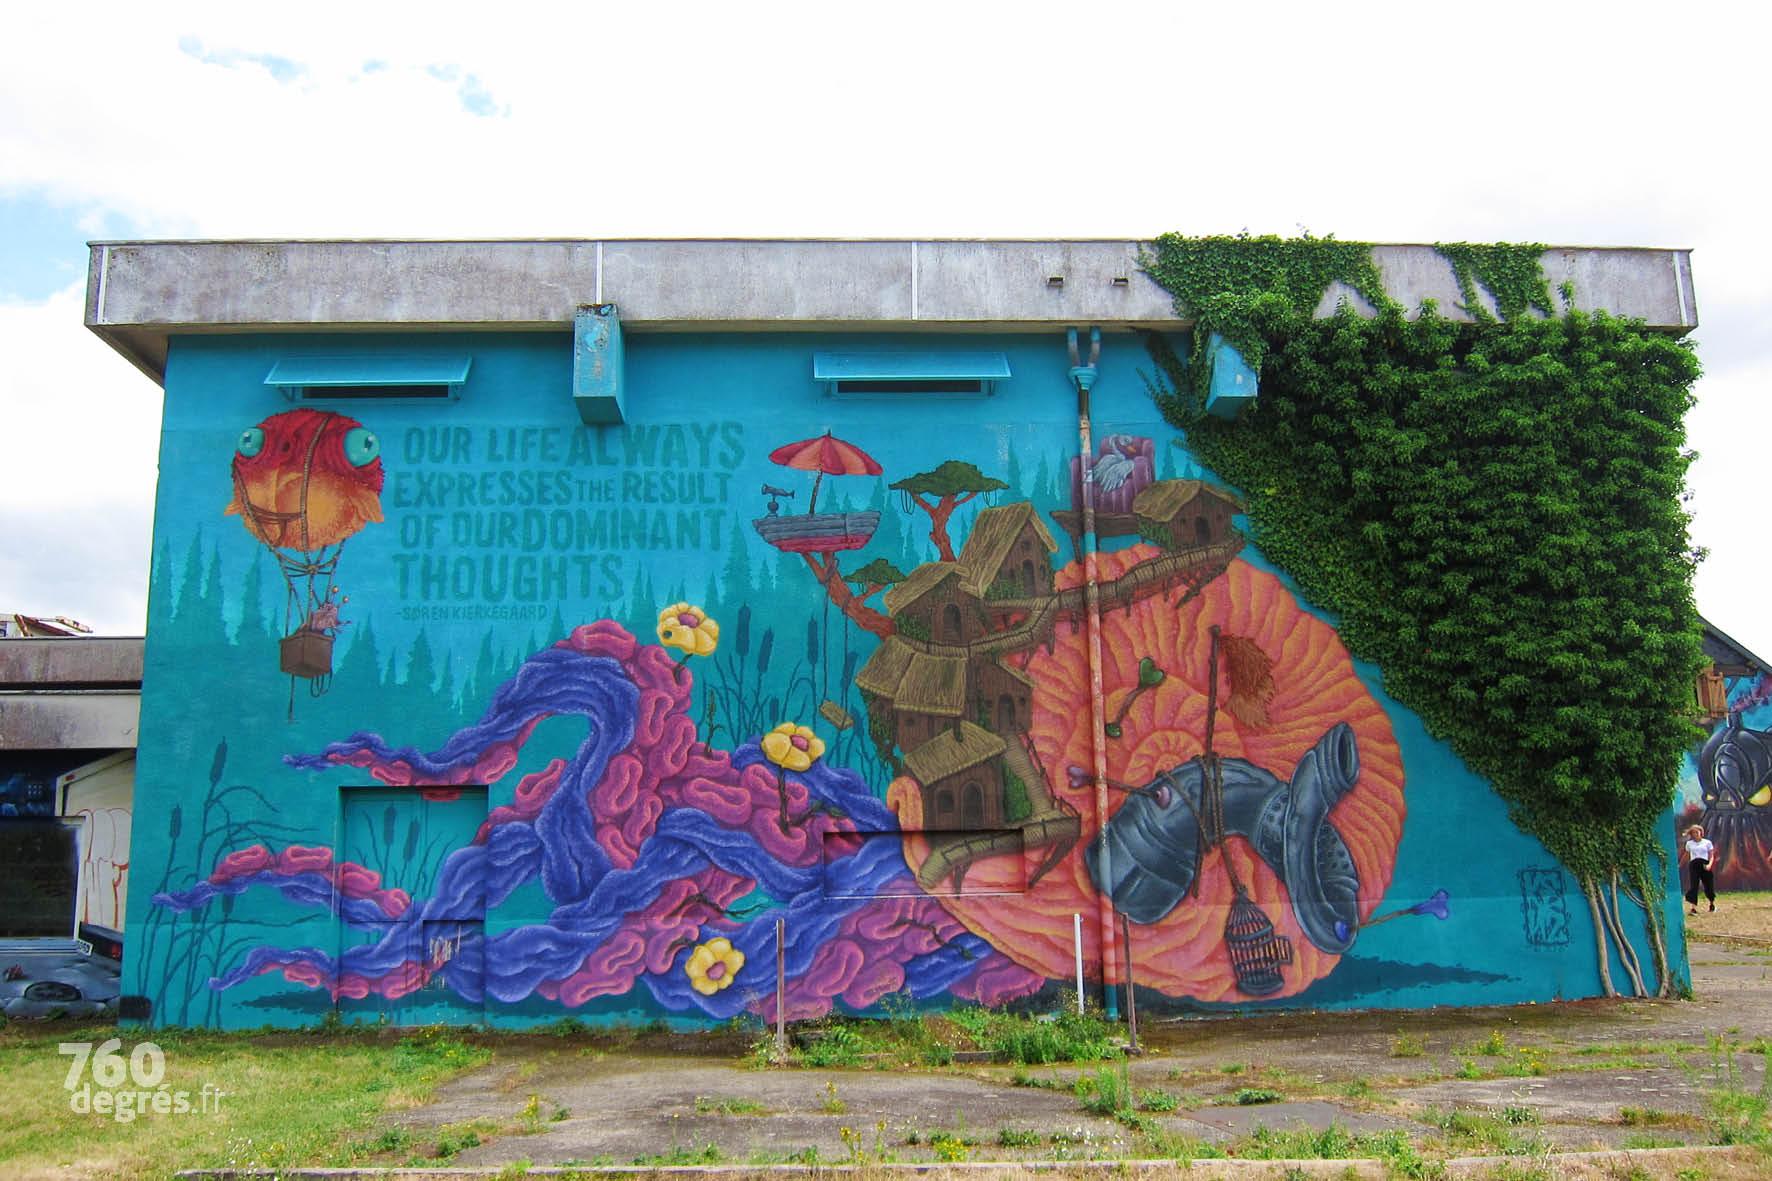 CARL KENZ (Allemagne) - En résidence à Lurcy-Levy, ce grand artiste d'outre-Rhin a passé cinq jours à peindre cette fresque immense, en intégrant totalement le lierre à sa création aquatique et aérienne.